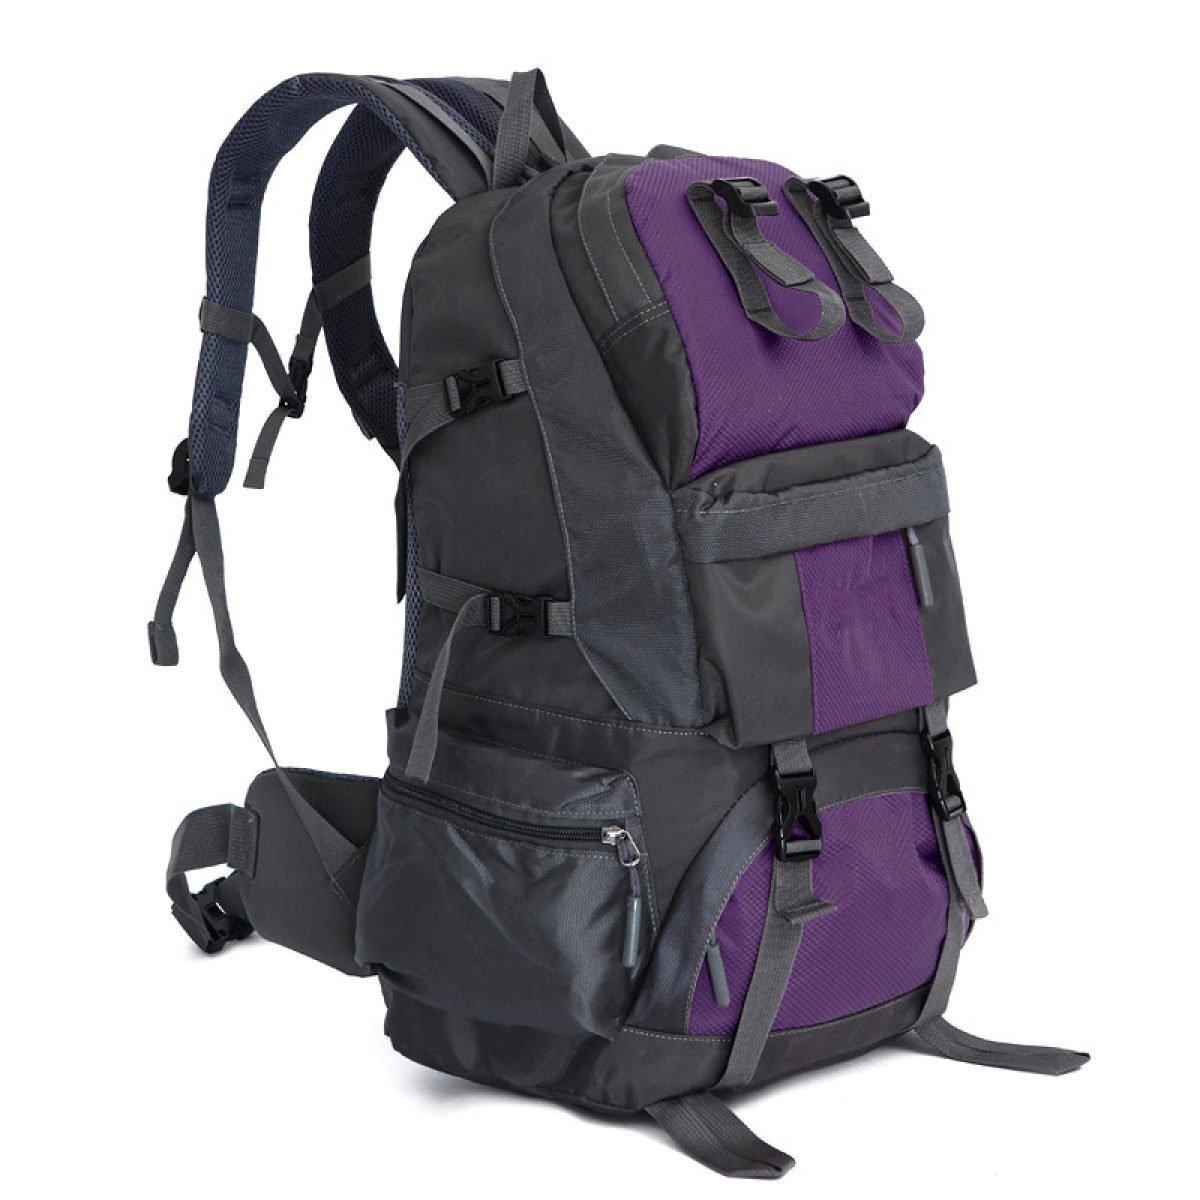 Wasserdicht Nylon Bergsteigen Taschen Hohe Kapazität Outdoor Wandern Reisen Umhängetaschen